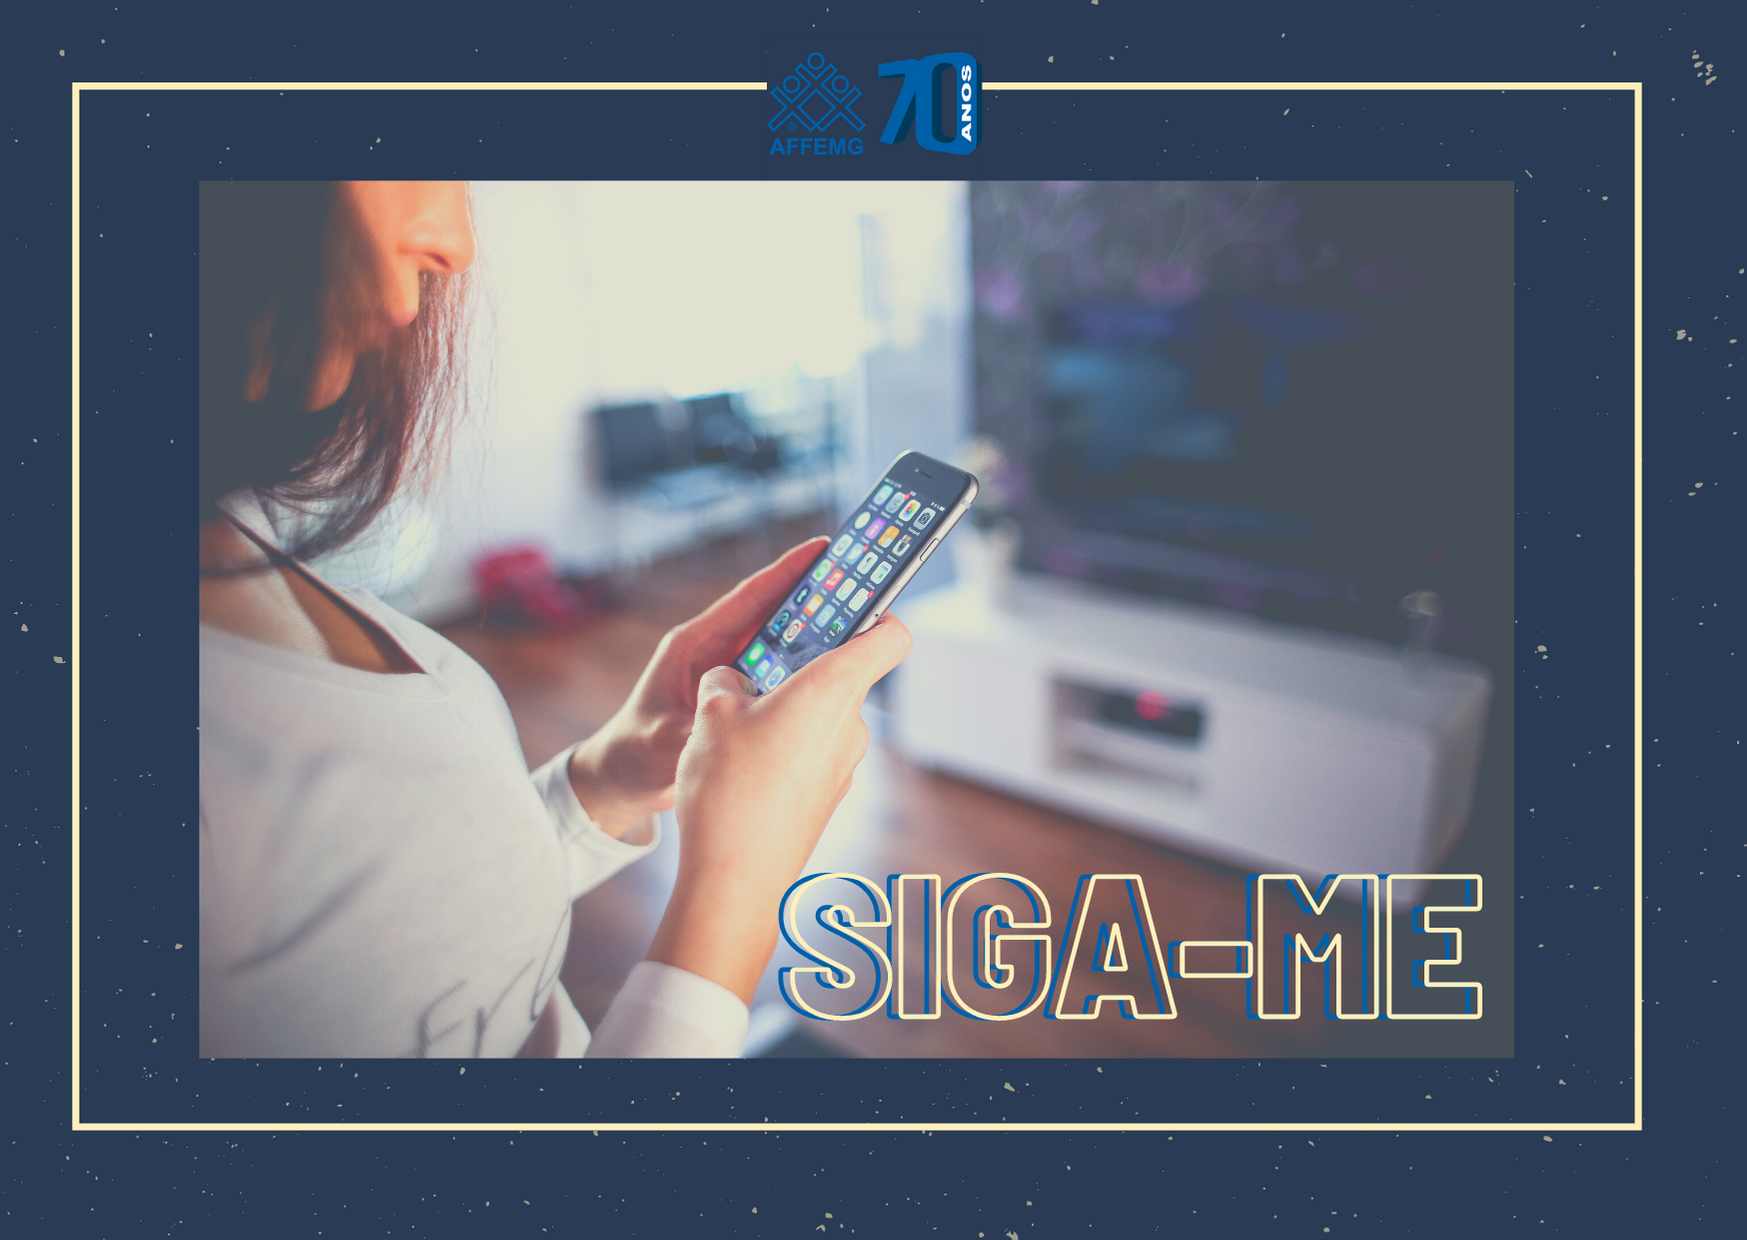 Atendimento telefônico AFFEMG: o que você precisa saber